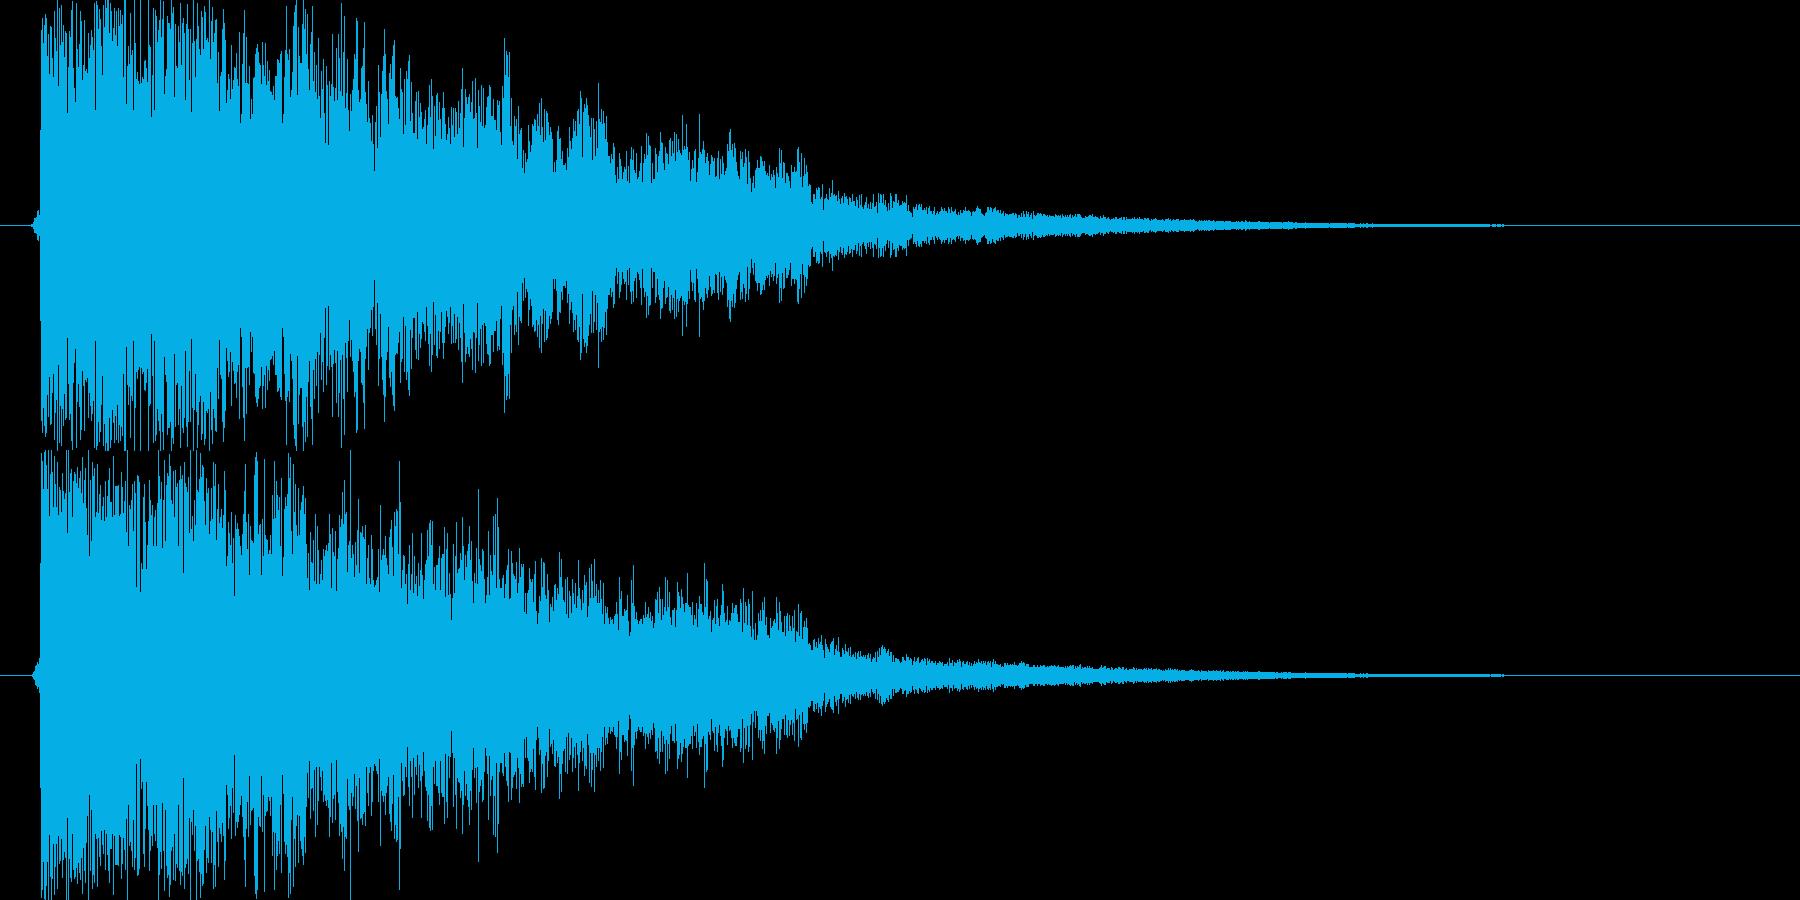 ガキーン 派手な金属音1の再生済みの波形